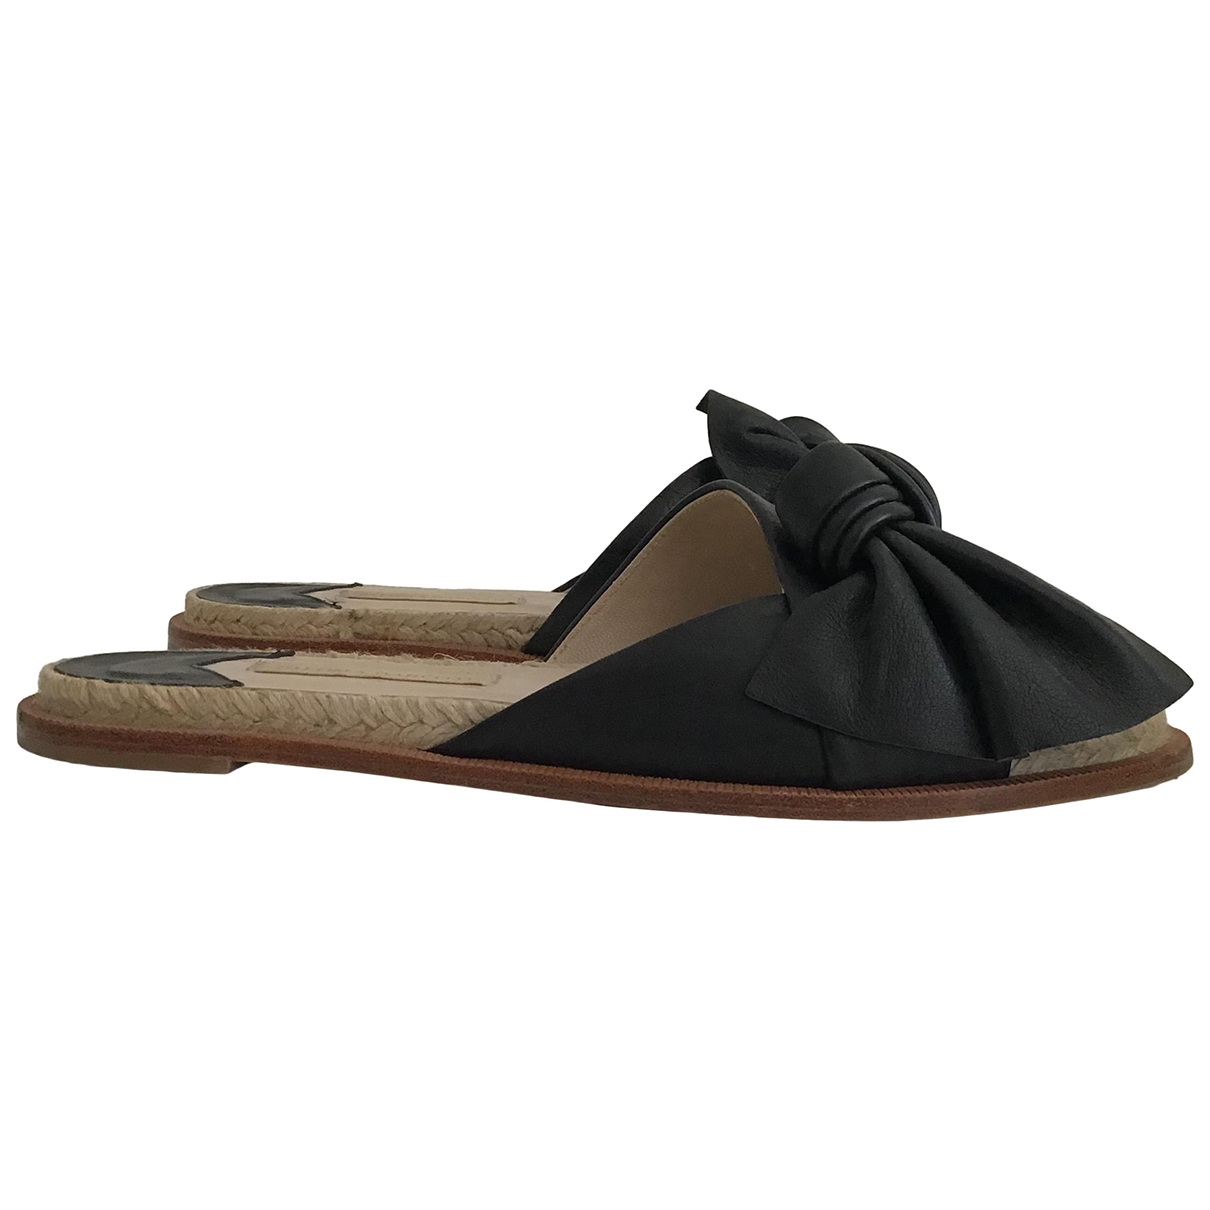 Paloma Barcelo - Sandales   pour femme en cuir - noir